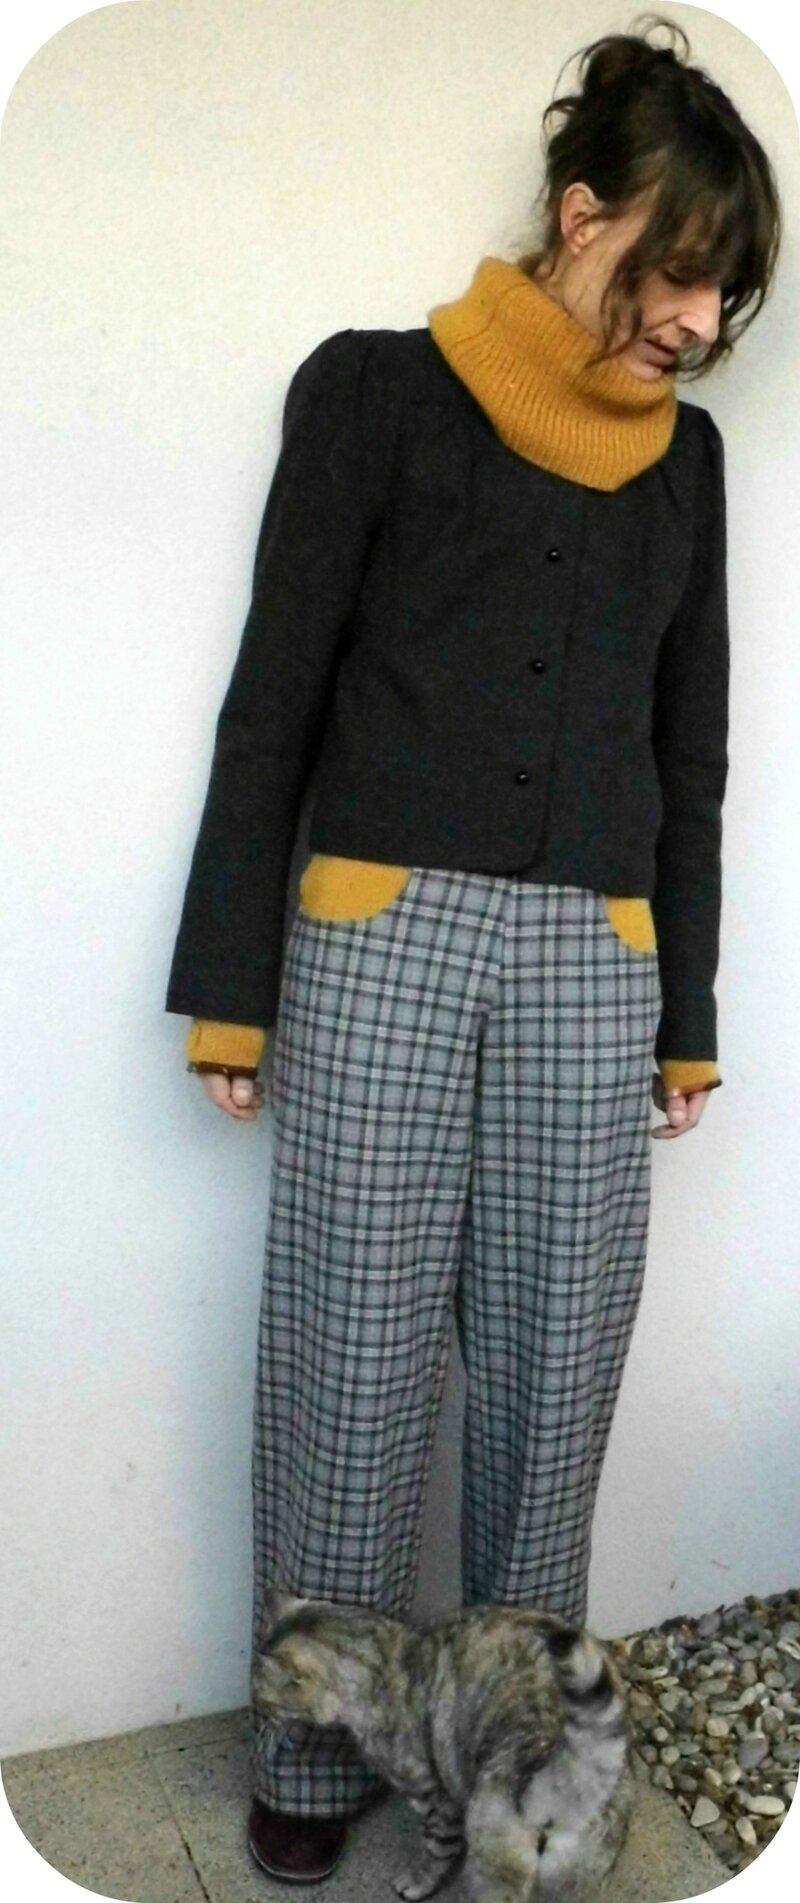 pantalon carreaux et laine Fév 14